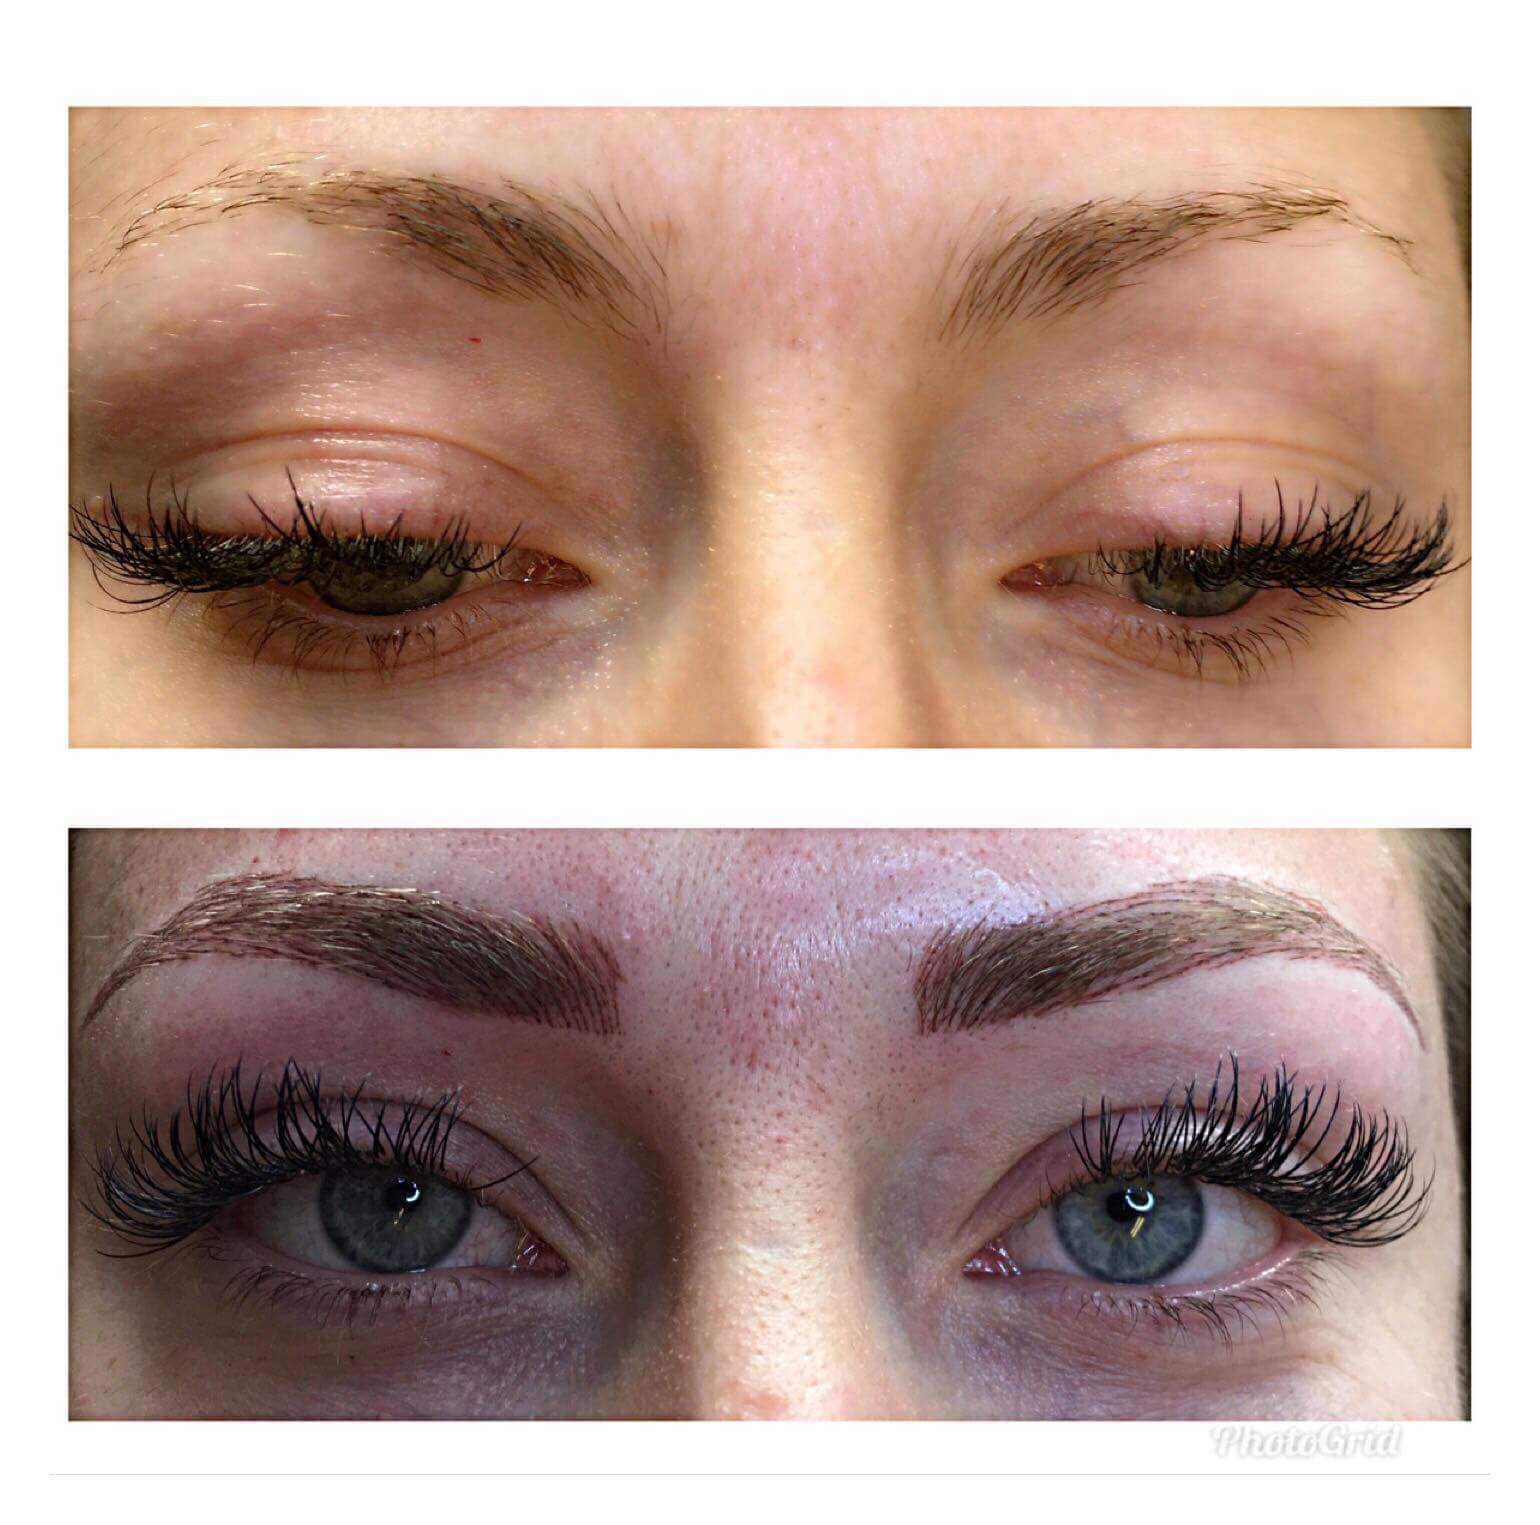 Tatovering av øyenbryn, før og etter.